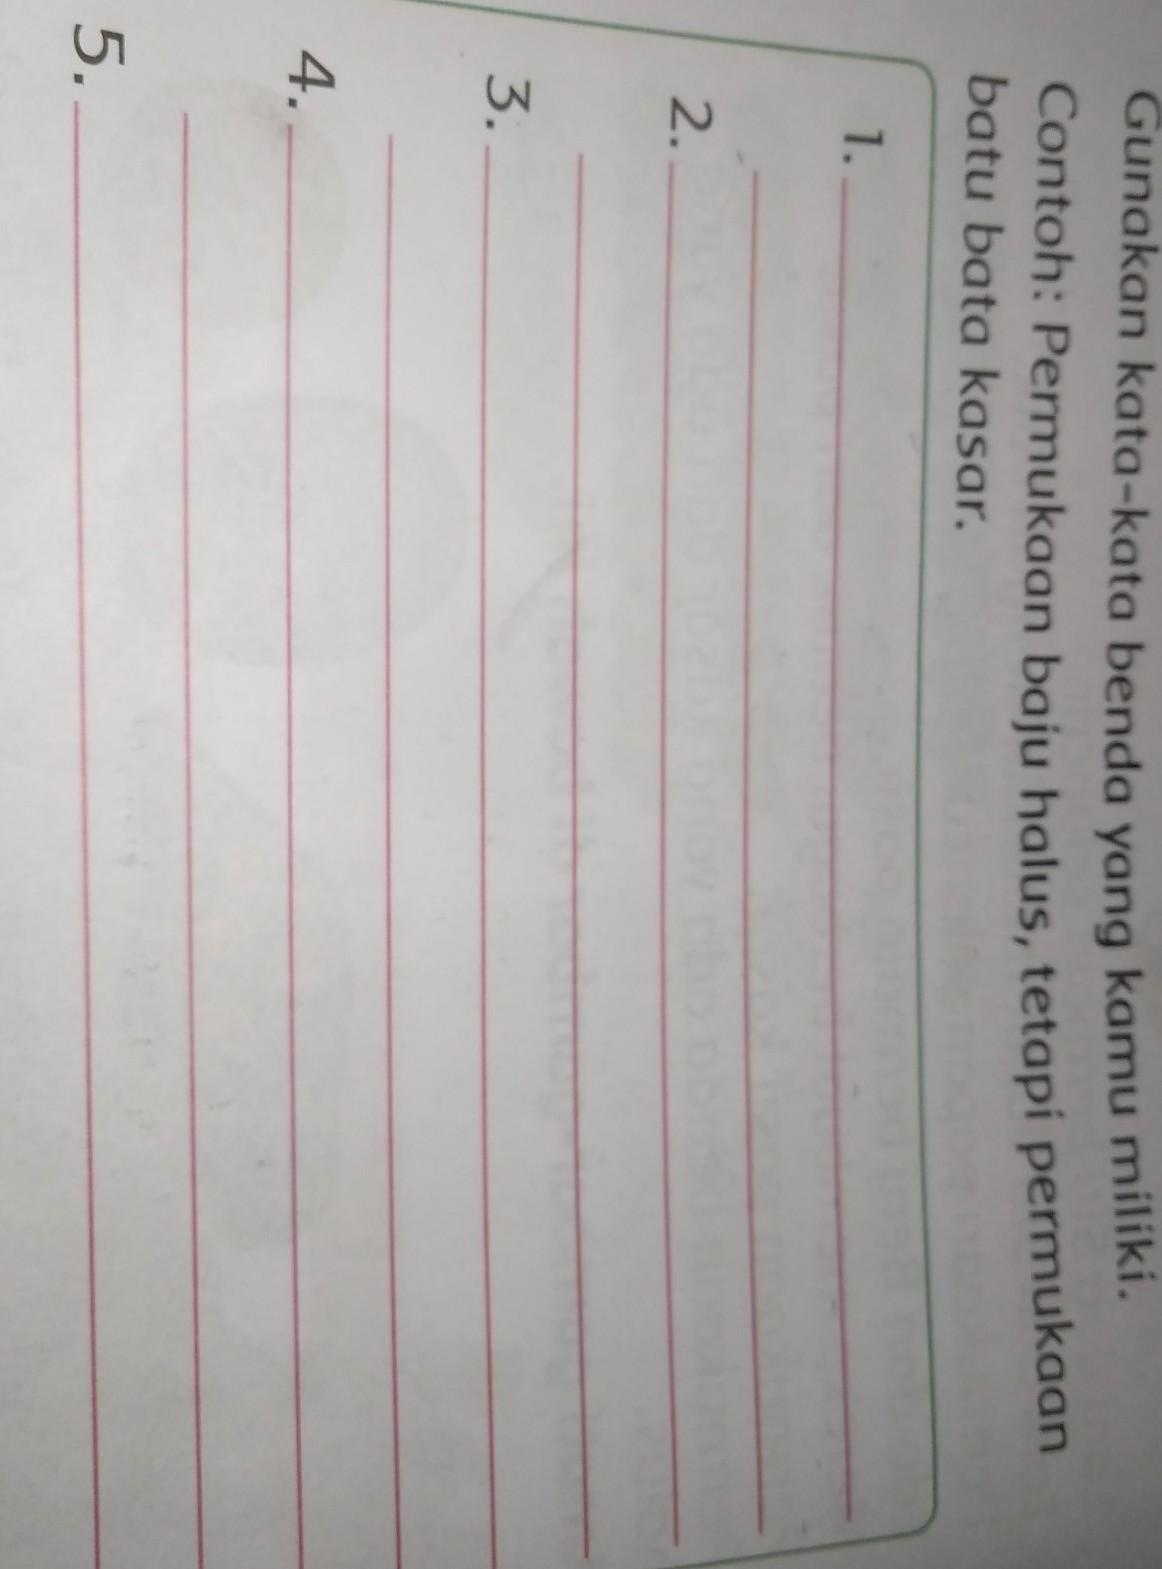 34. Kalya Tsabita. Laporan Resmi String.pdf - LAPORAN